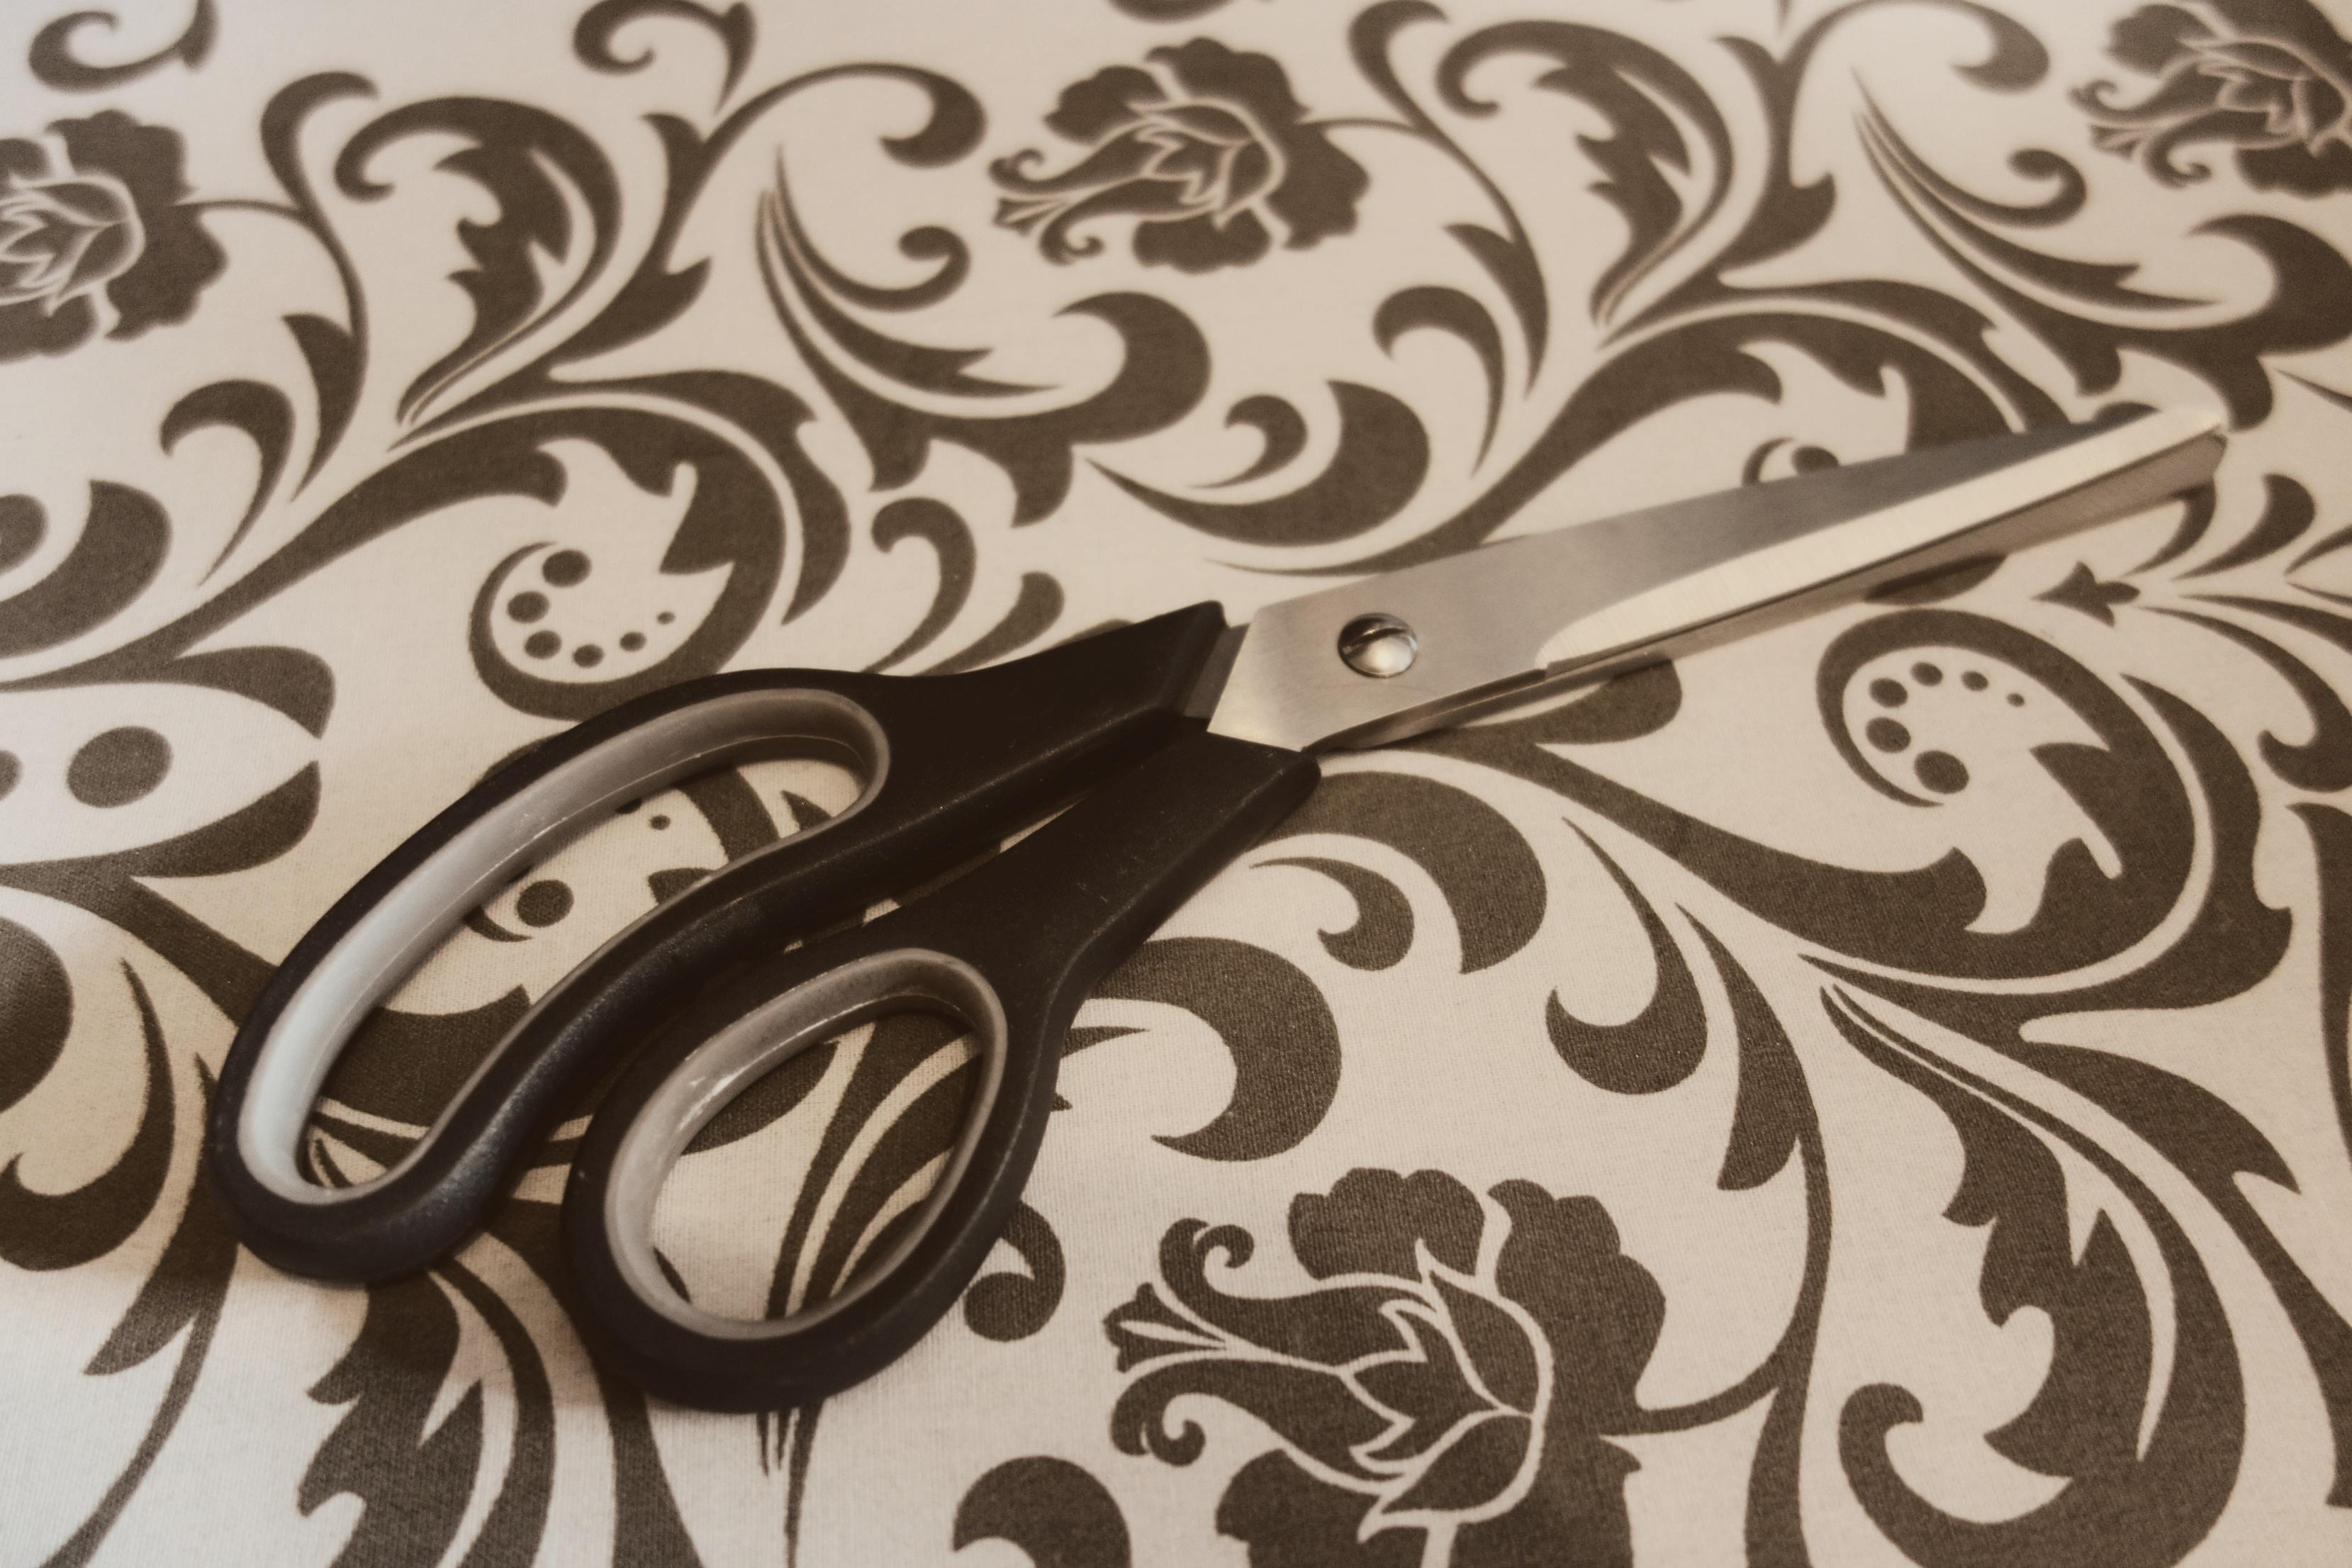 Gambar Alat Pola Coklat Kerajinan Hitam Lingkaran